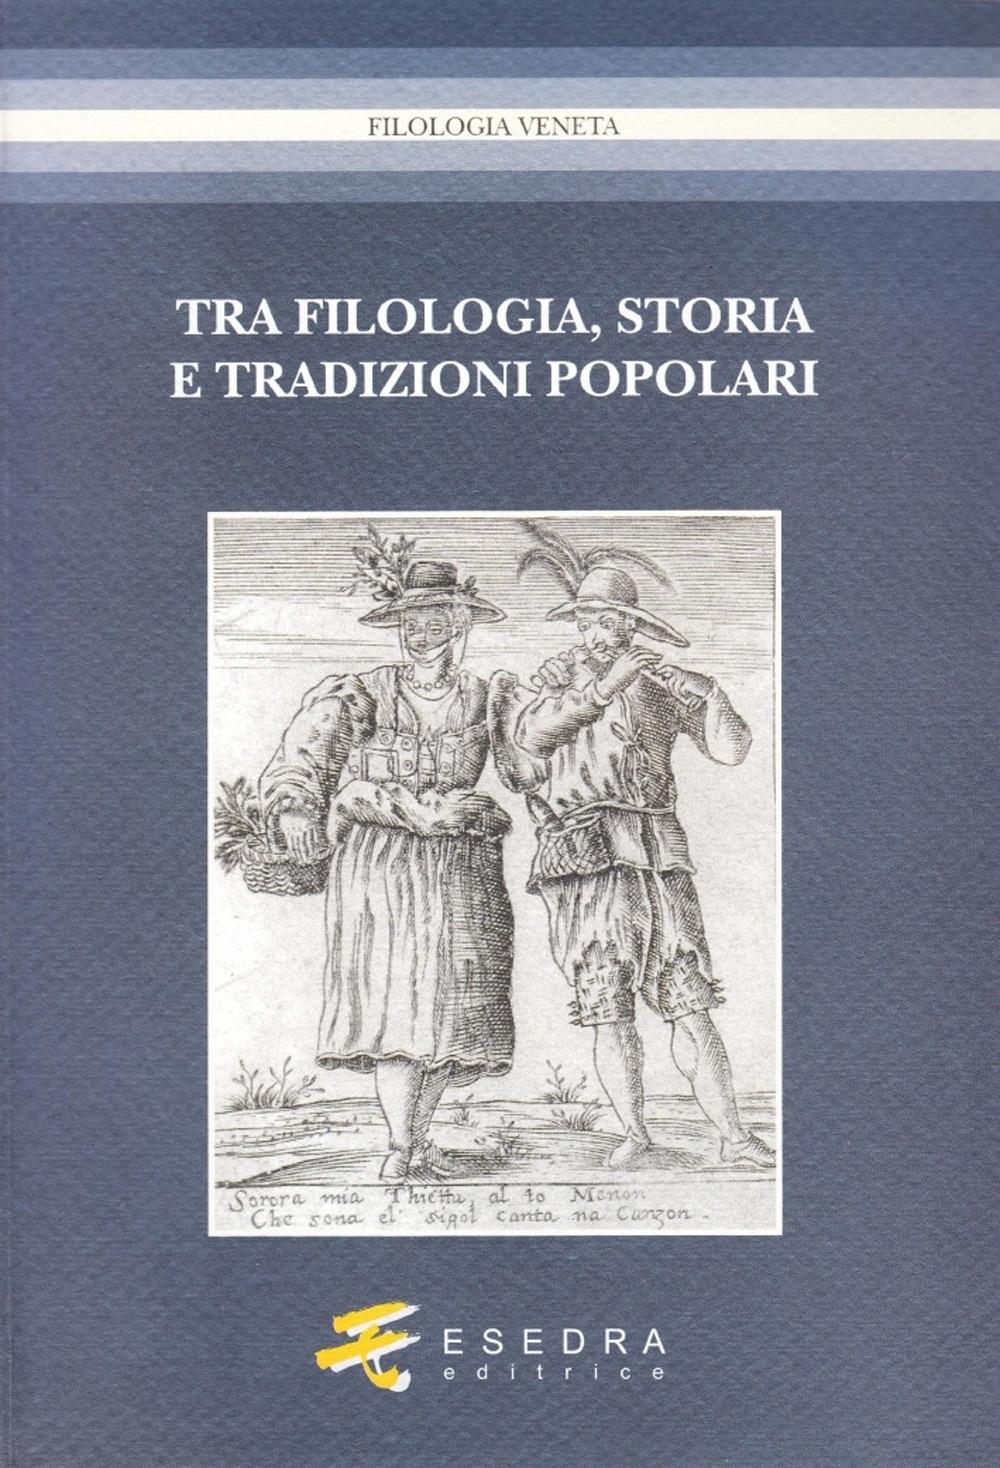 Tra filologia, storia e tradizioni popolari. Per Marisa Milani (1997-2007)